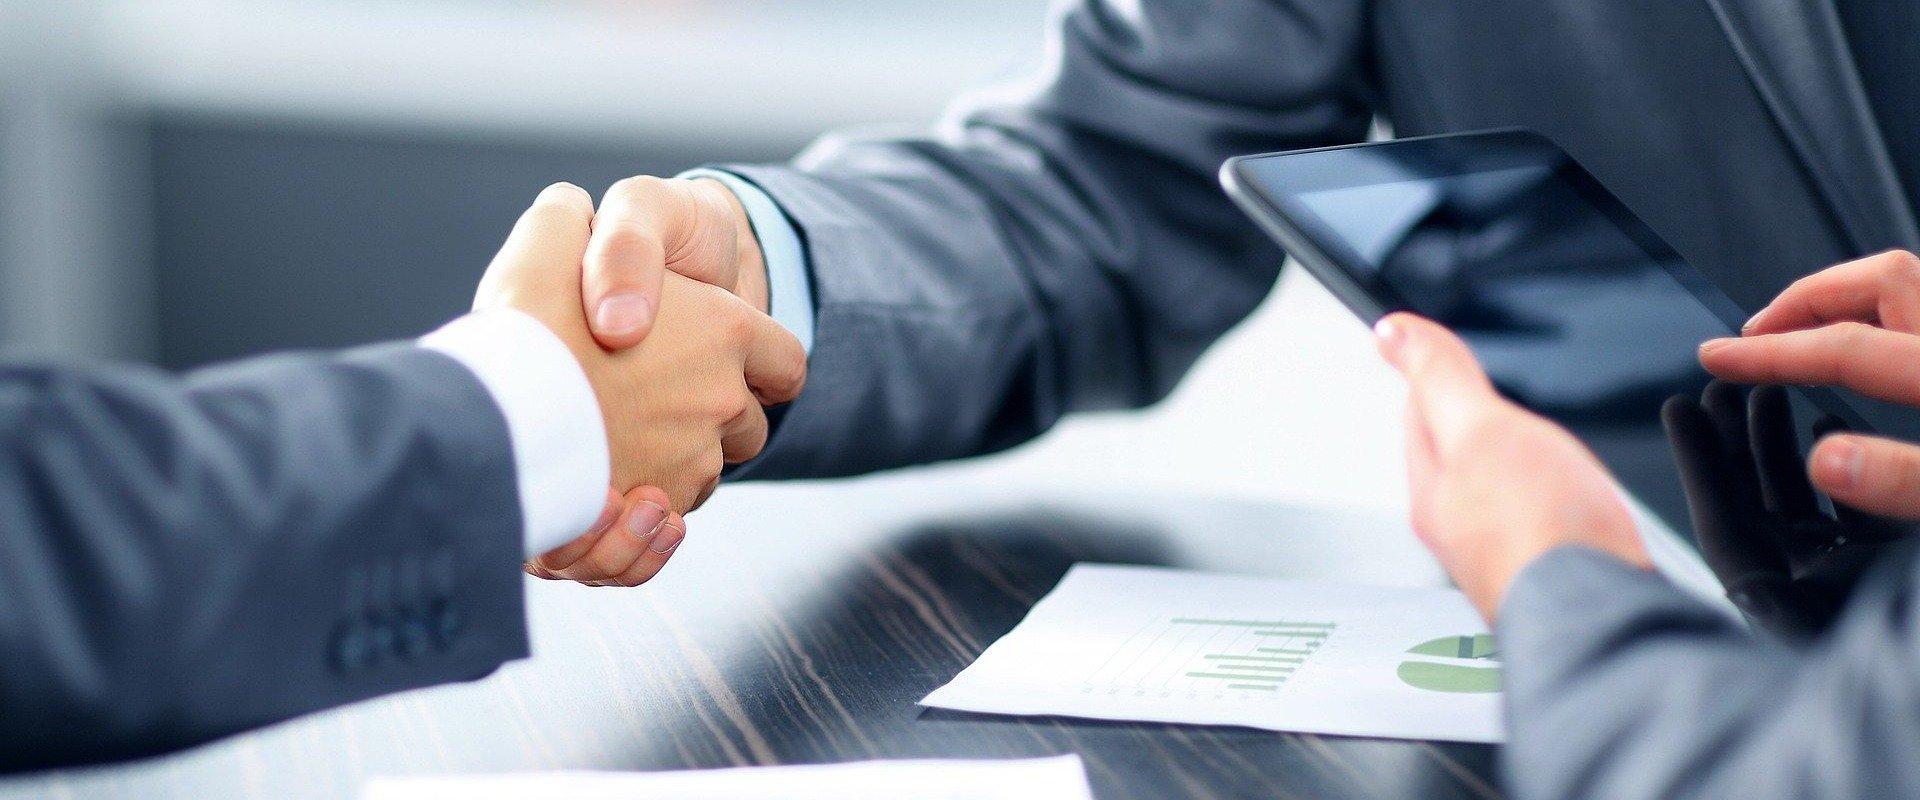 BGK udzieli dużym i średnim firmom poręczeń i gwarancji spłaty do 80% wartości kredytów